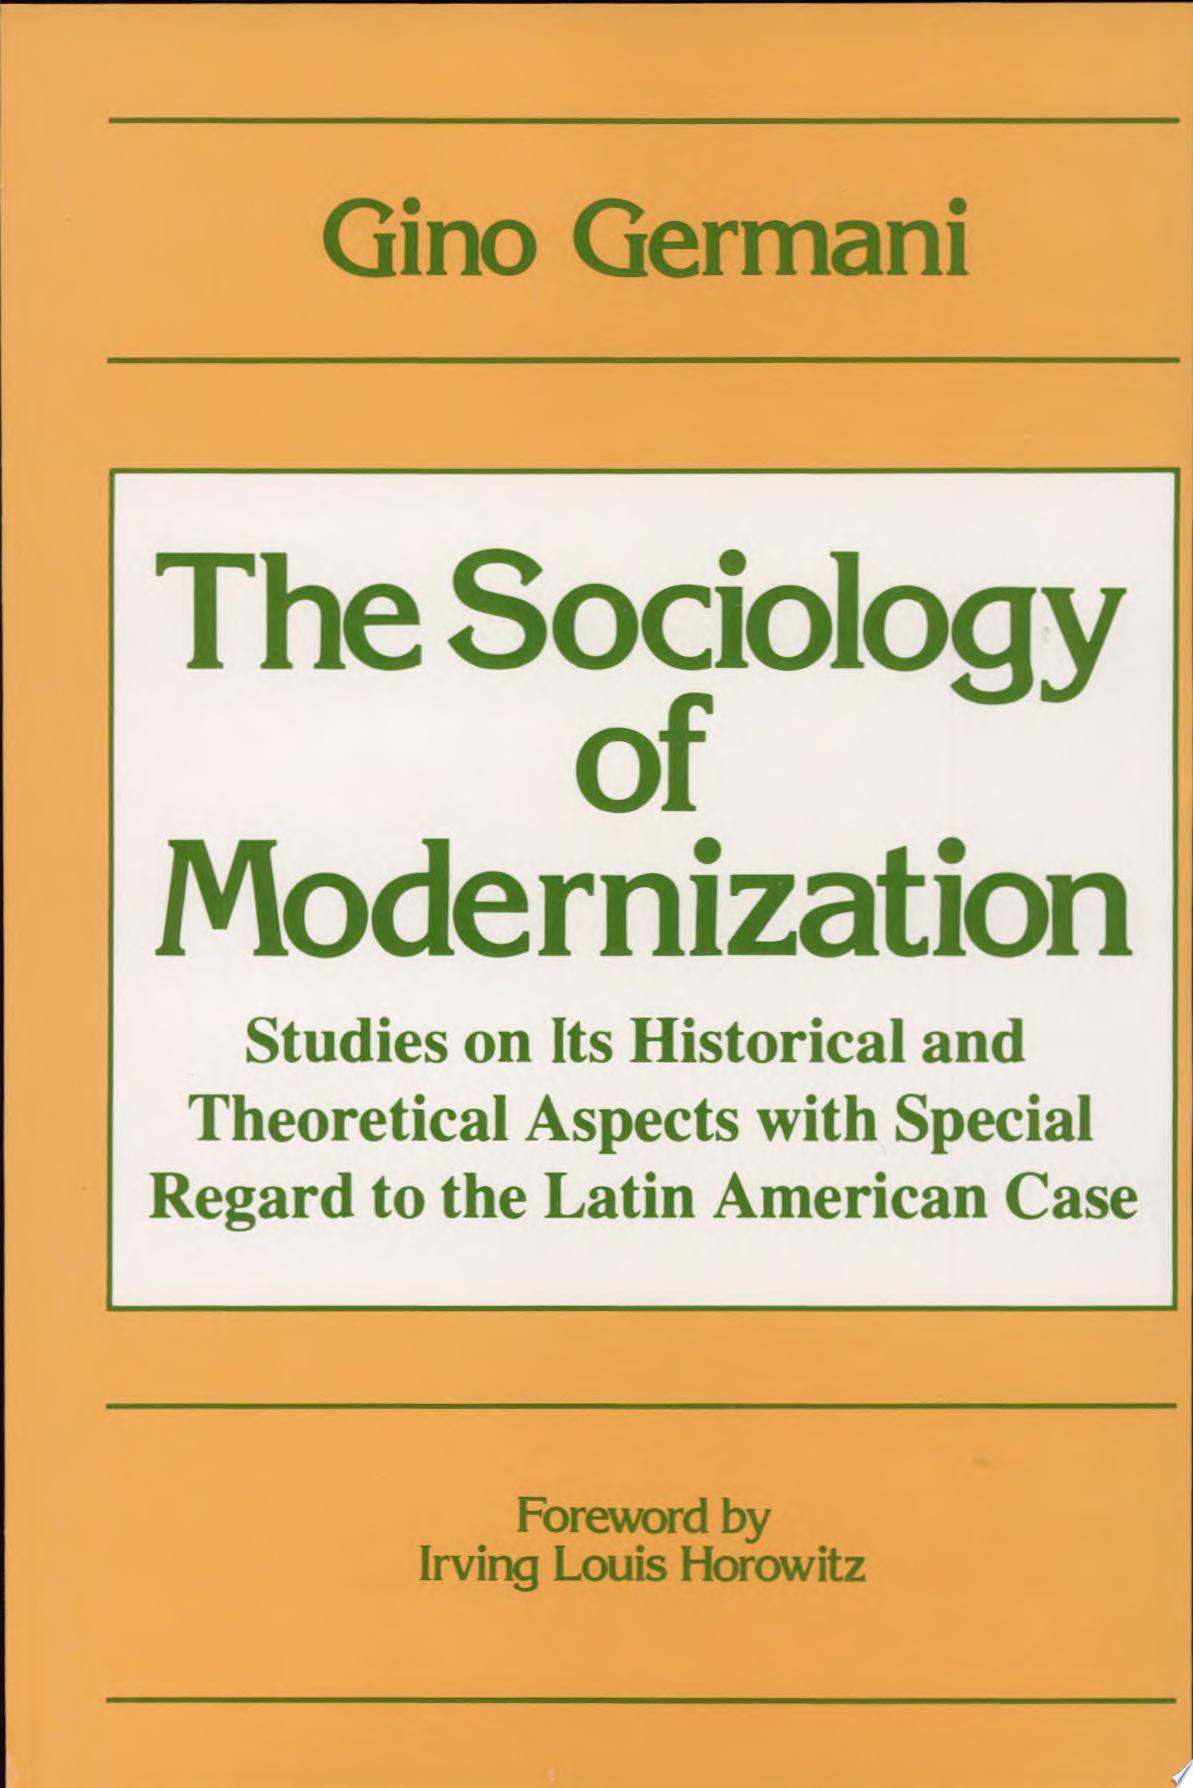 The Sociology of Modernization